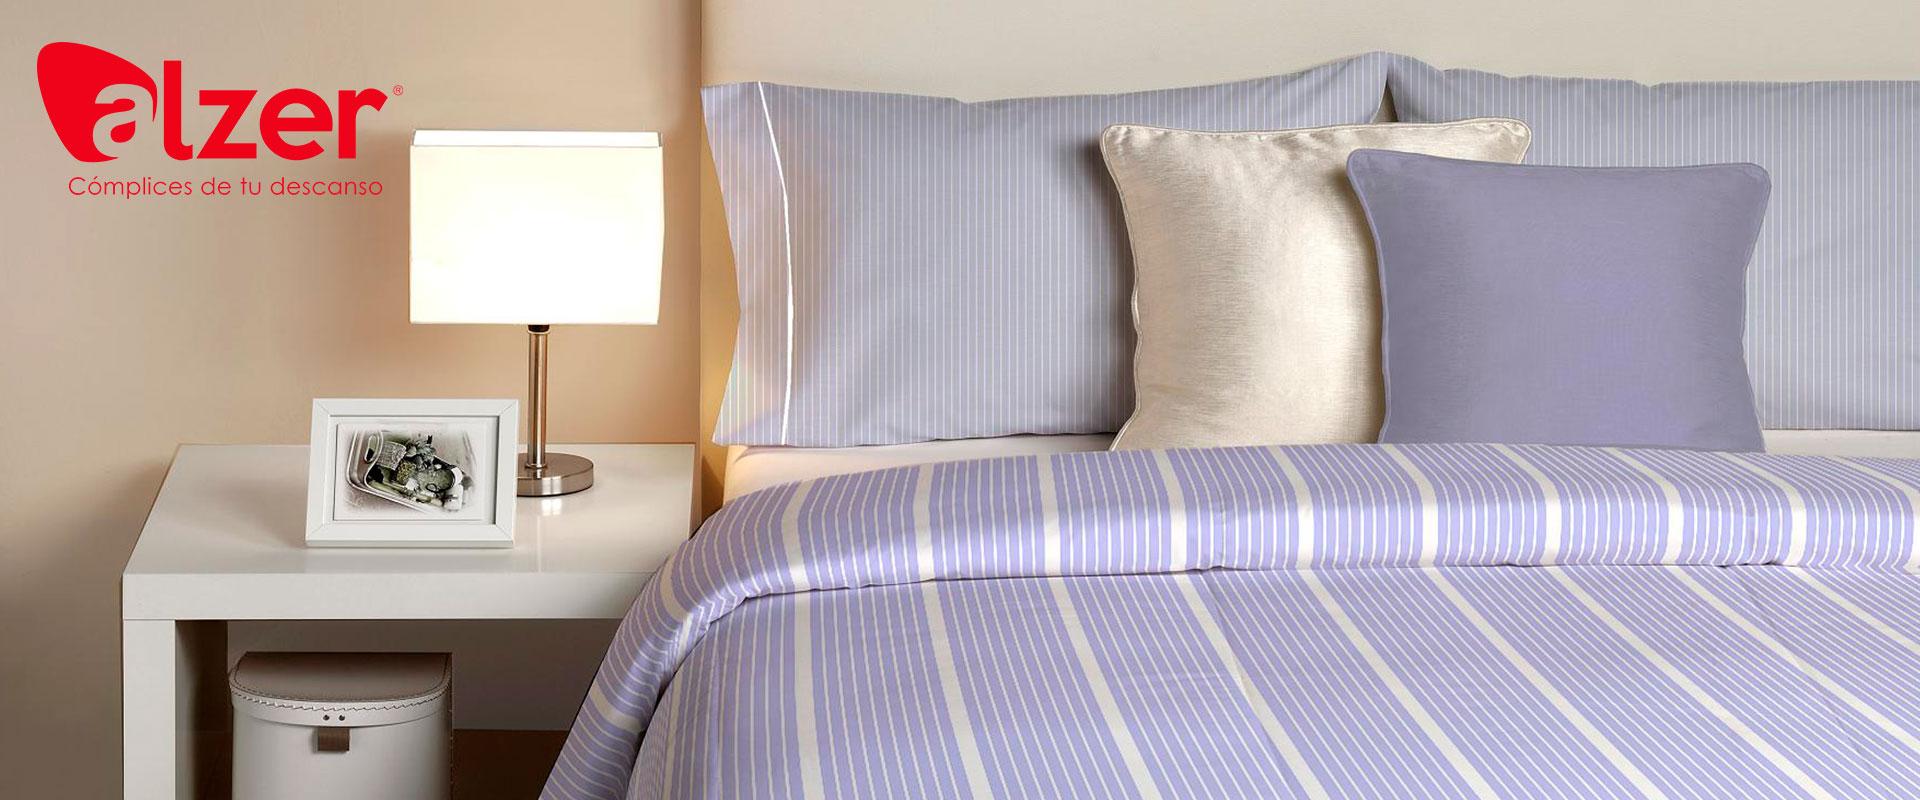 ¿Sabes cómo cuidar tus sábanas?